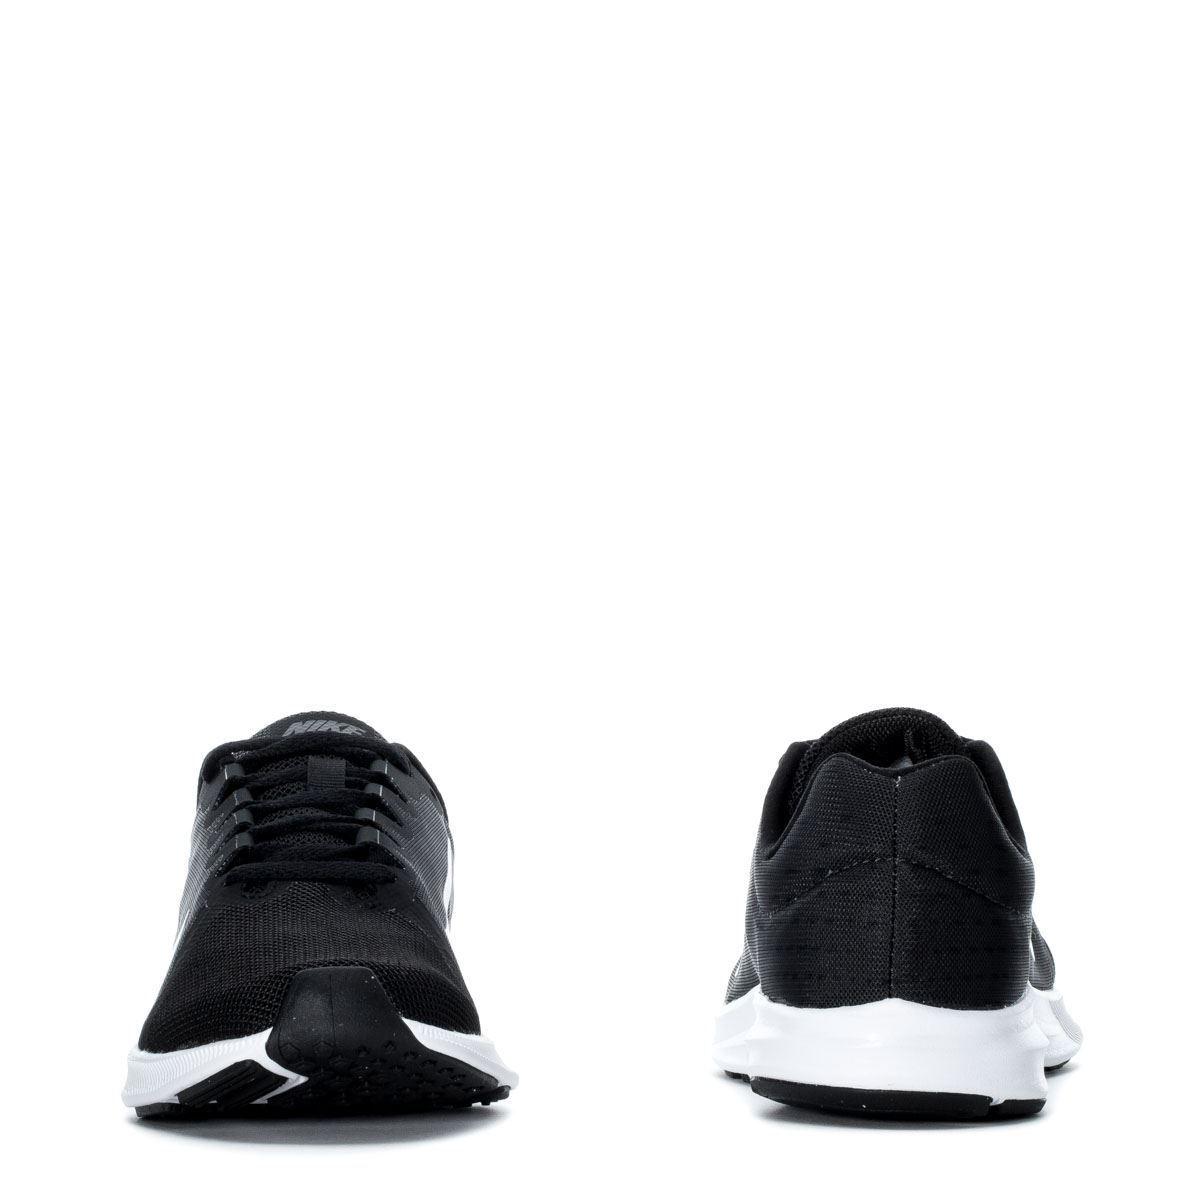 920f9cb89b2c ... Nike Downshifter Downshifter Downshifter 8 Womens Running shoes (B)  (001) 1a0a49 ...